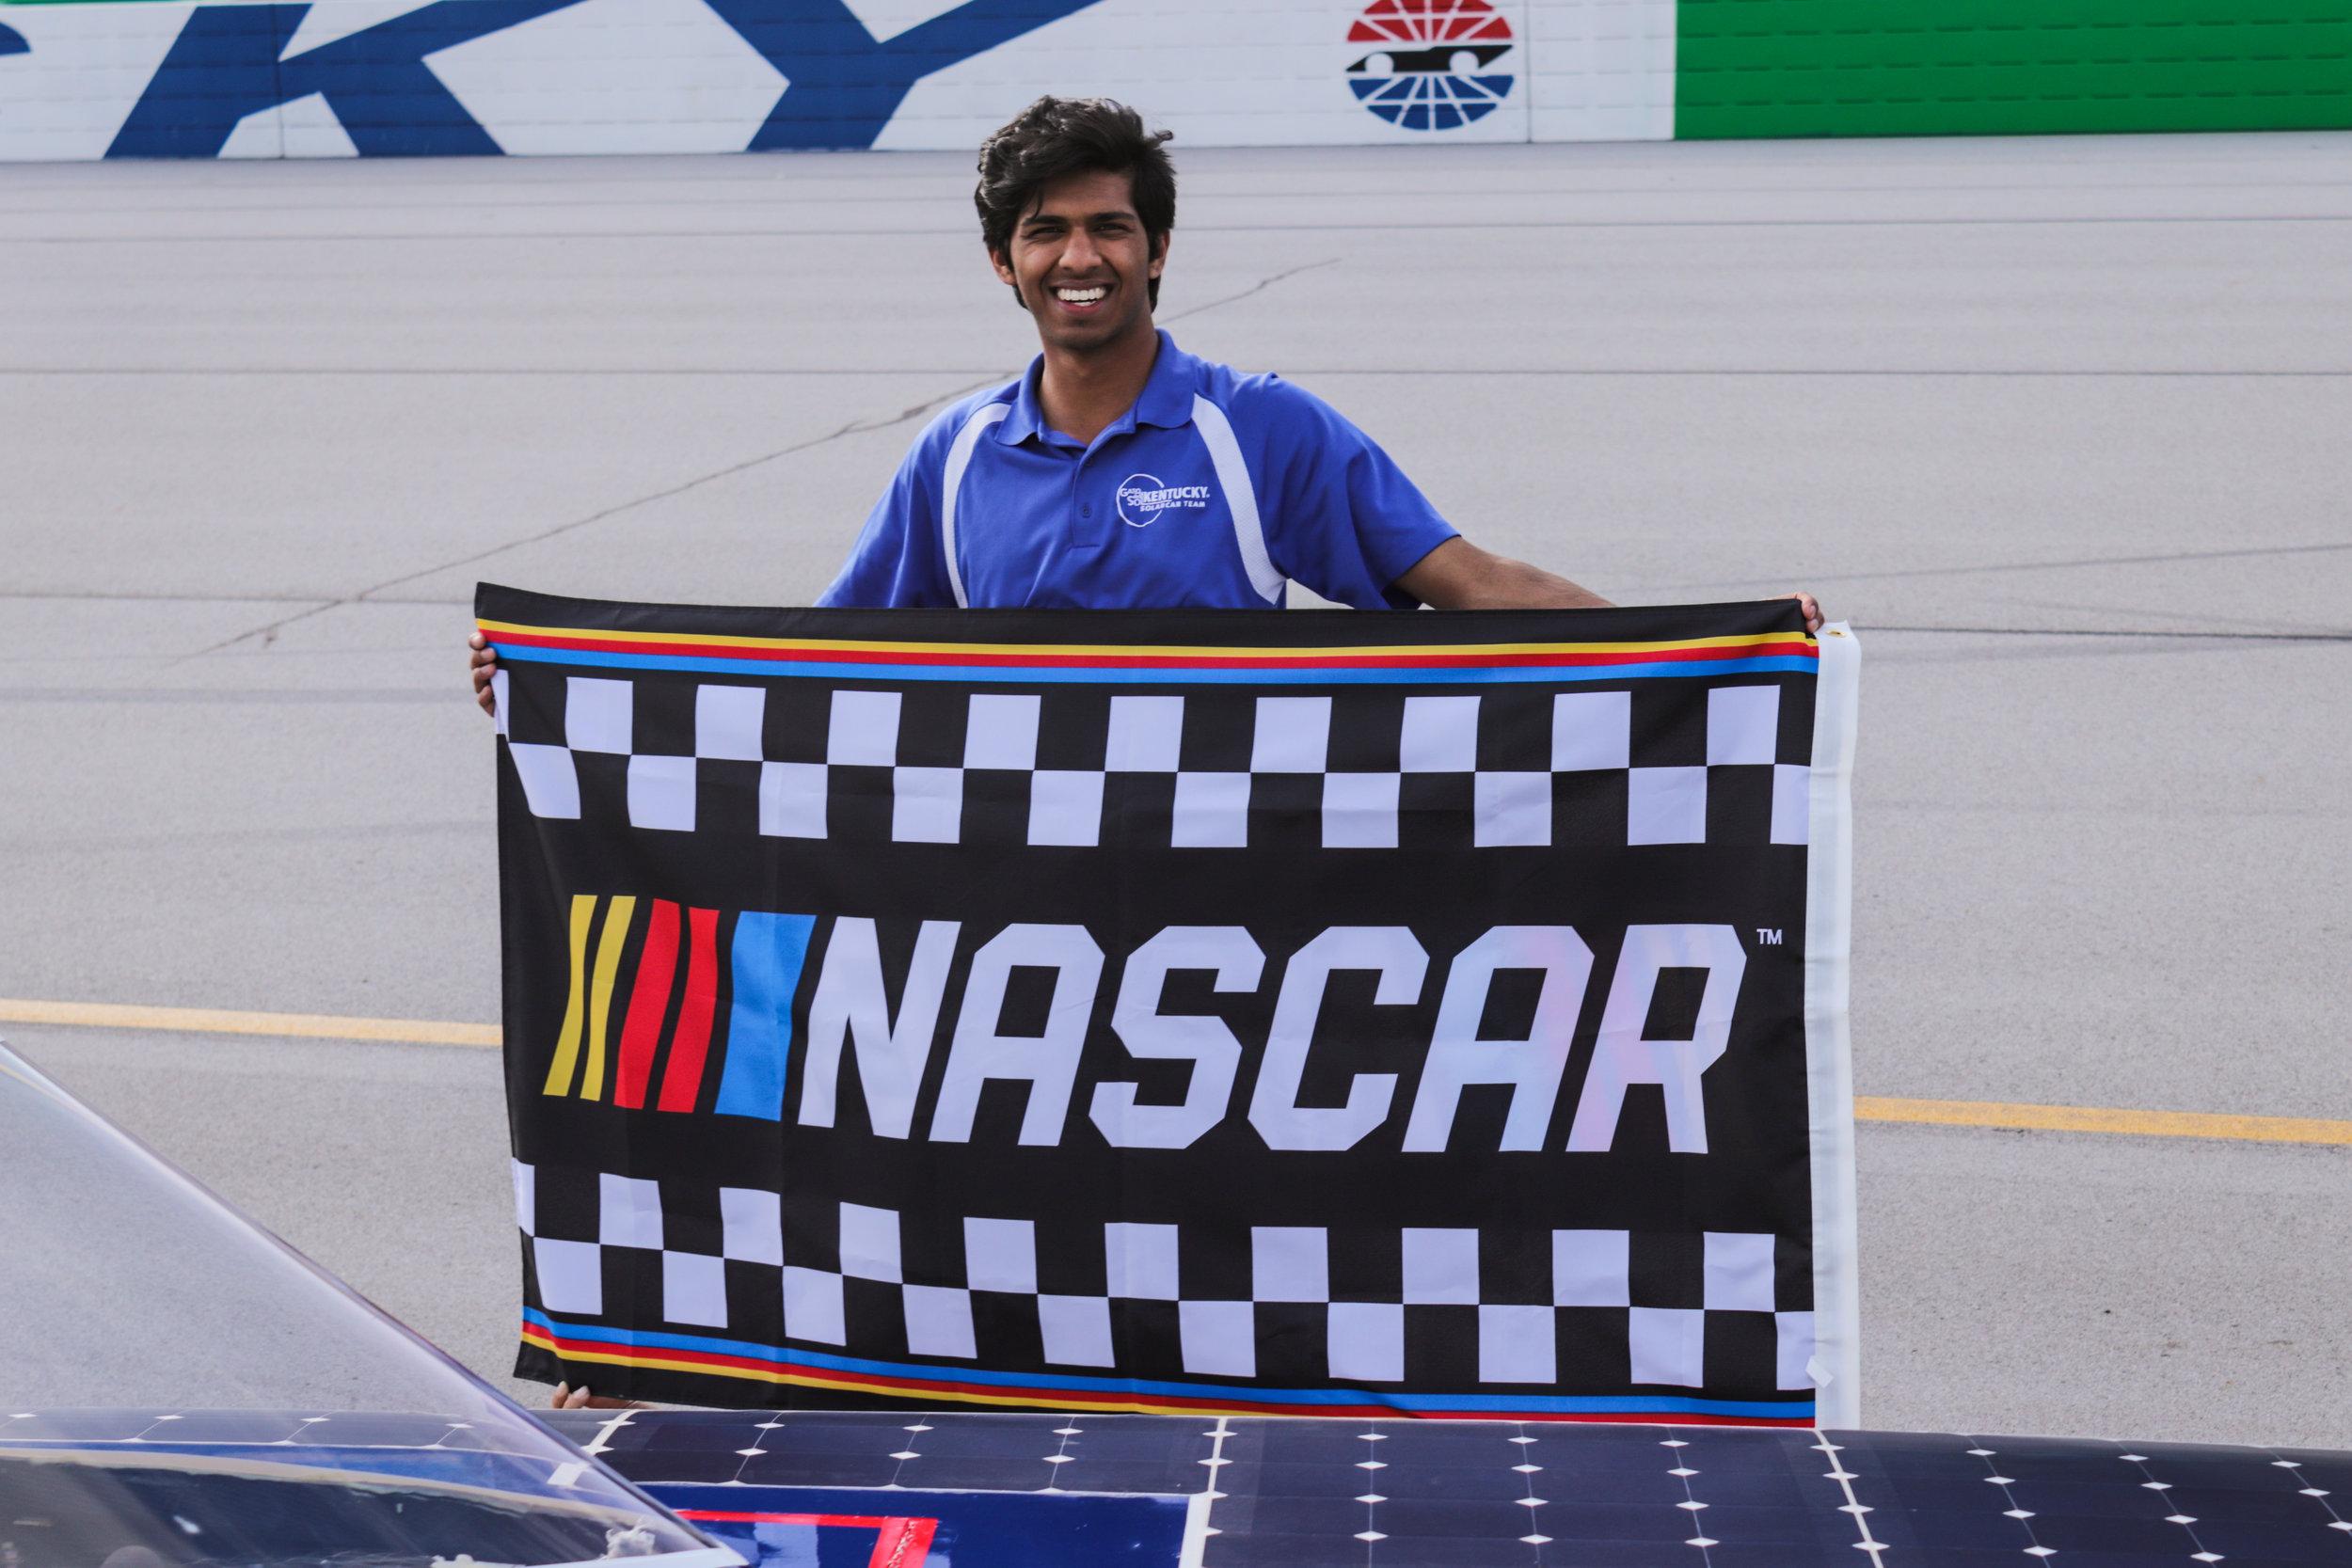 NASCAR R&D